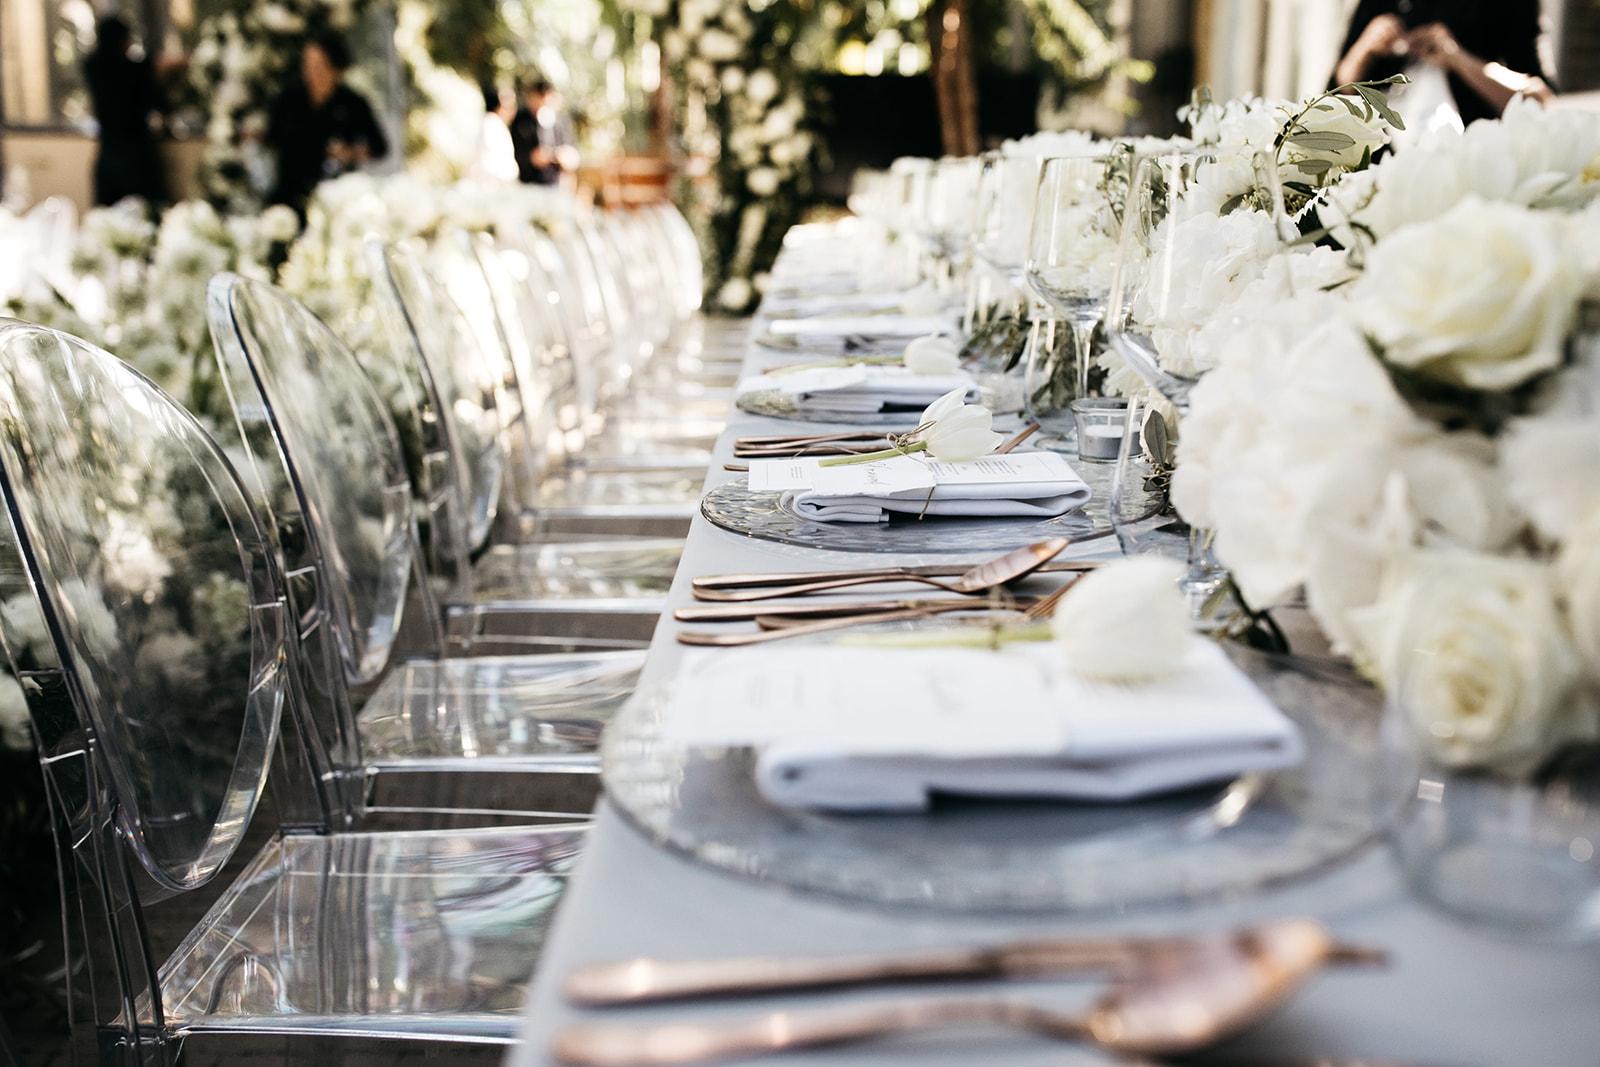 #apbloem #florist #kerkstraat #amsterdam #flowers #bloemen #bloemist #flowers #bouquet #boeket #arrangement #photoshoot #peony #bruiloft #trouwen #bloemenbezorgen #wedding #love #liefde #event #evenement #garden #tuin #bridalgown #bruidsjurk #justmarried #bridalcouple #weddingflowers #weddingphotography #weddinginspiration #white #field #veldbloemen #hortus #garden #greenhouse #dining